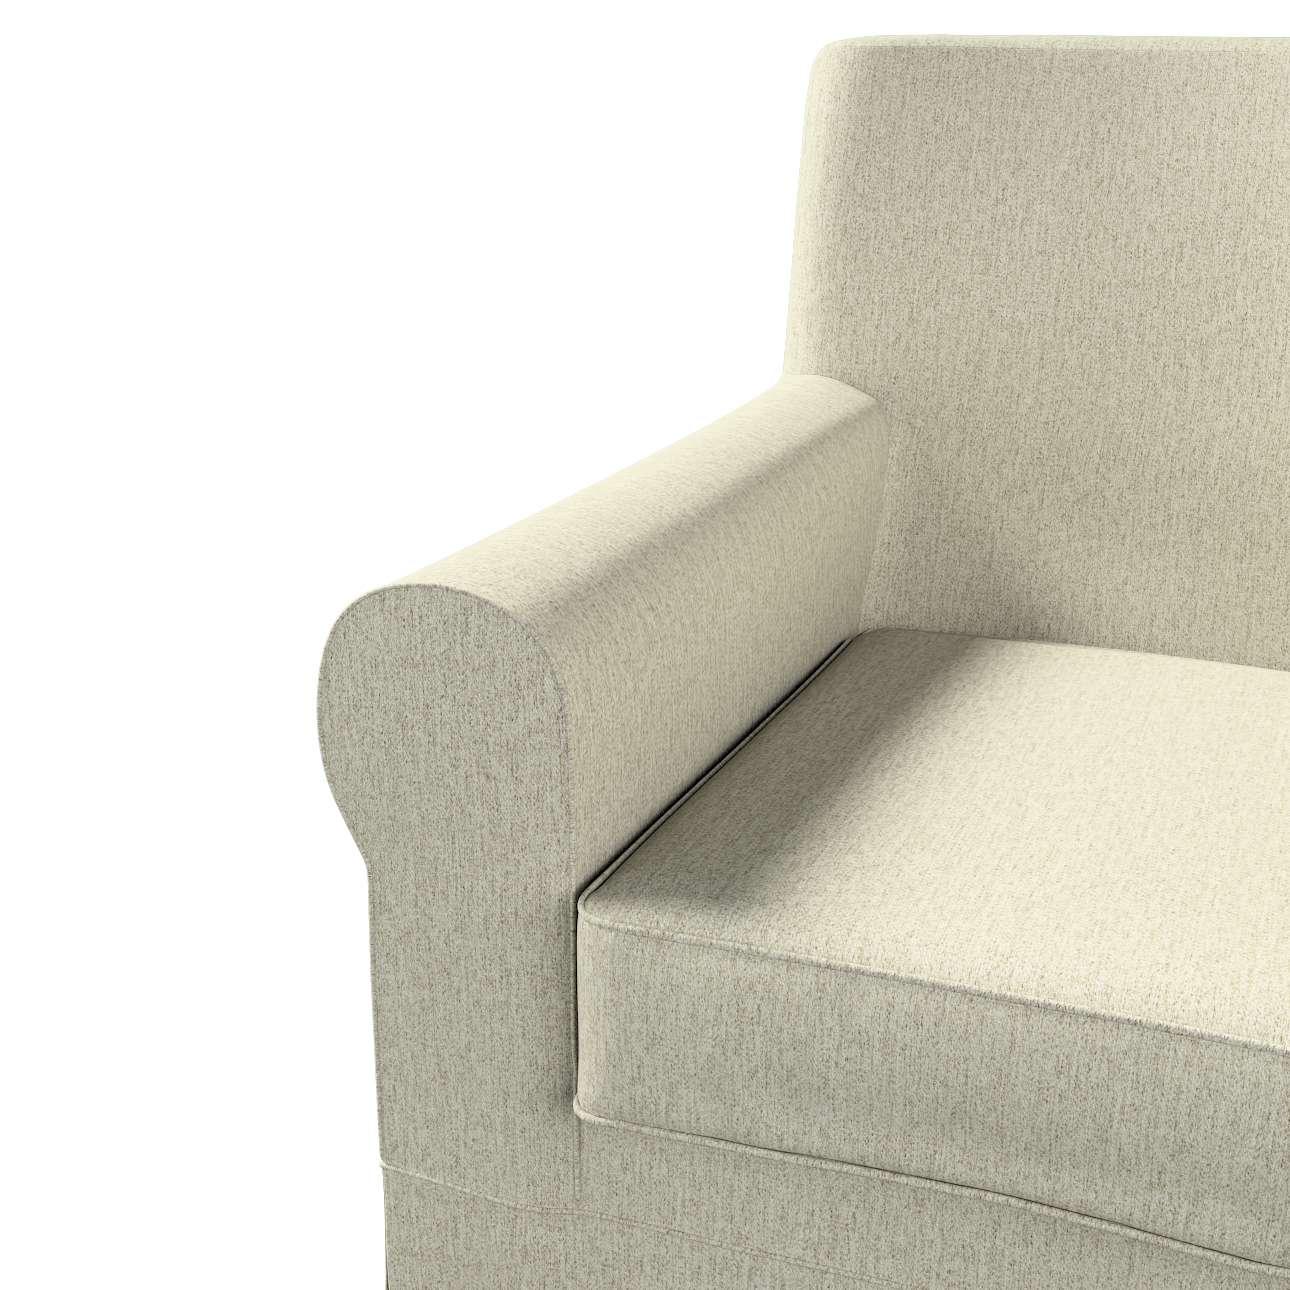 Pokrowiec na fotel Ektorp Jennylund w kolekcji Living, tkanina: 161-62